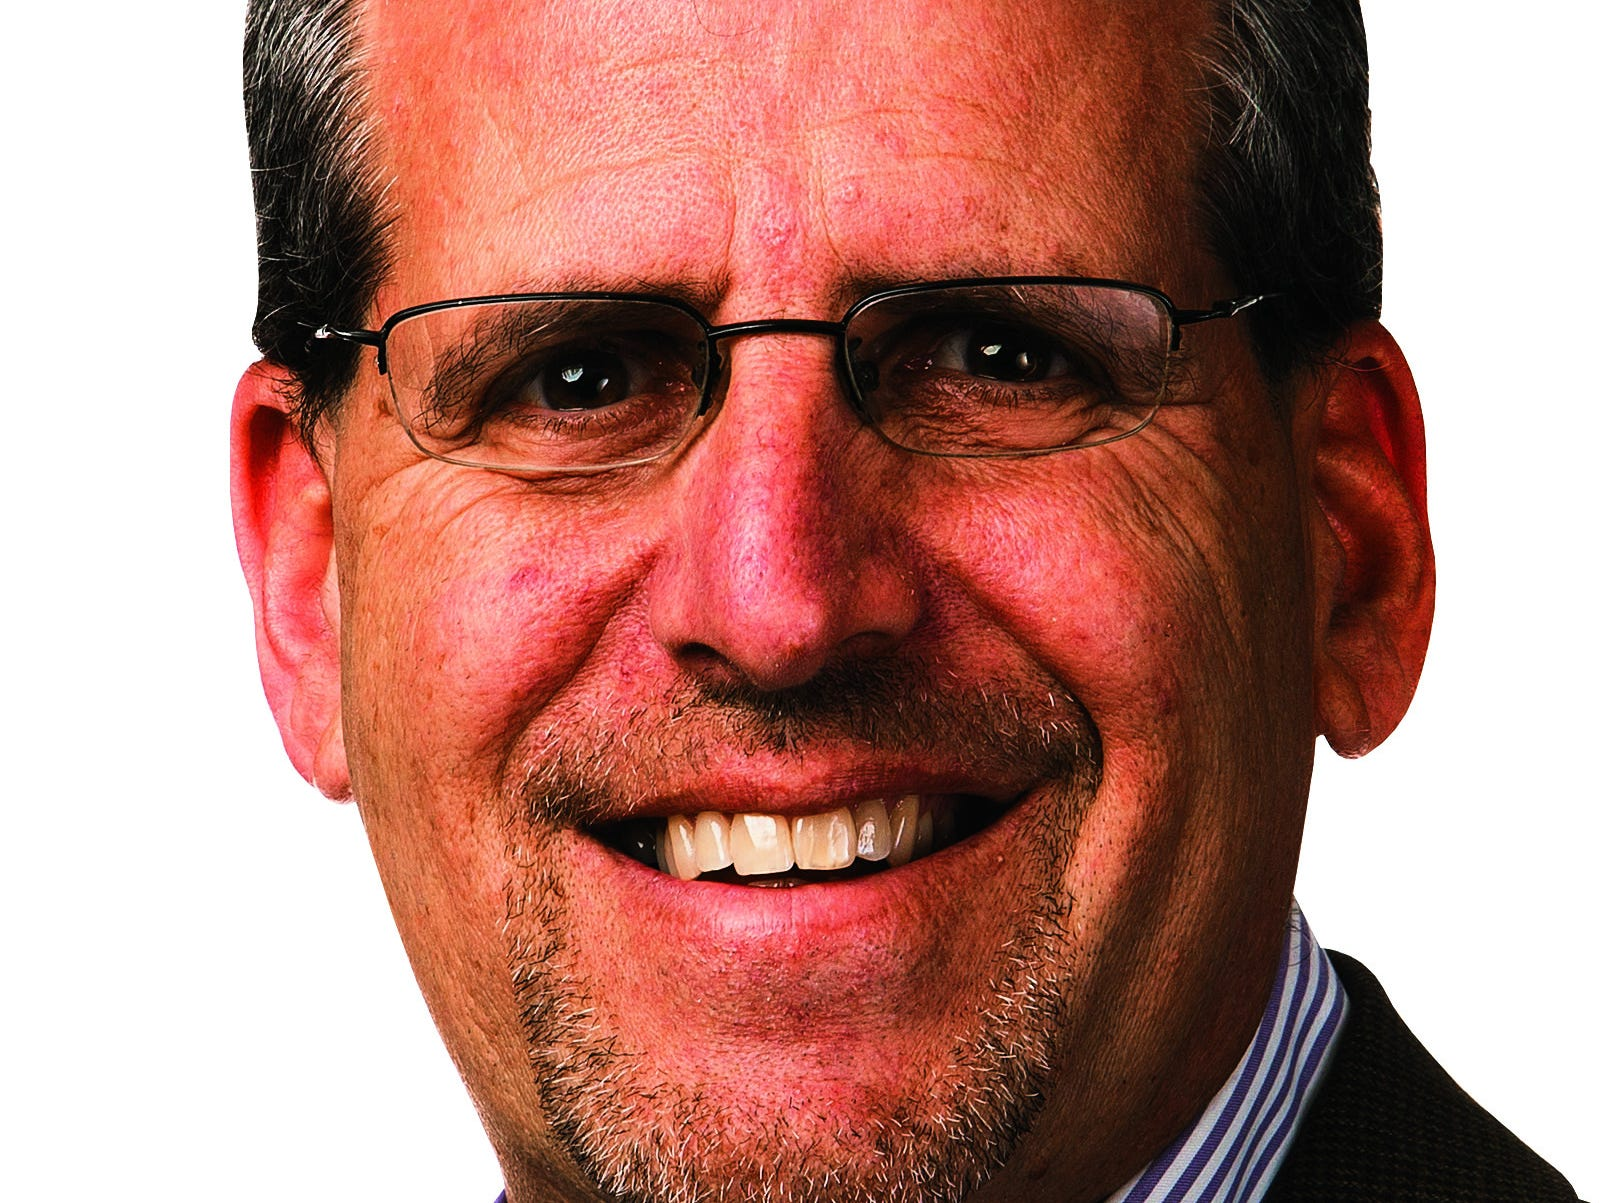 azcentral sports columnist Scott Bordow